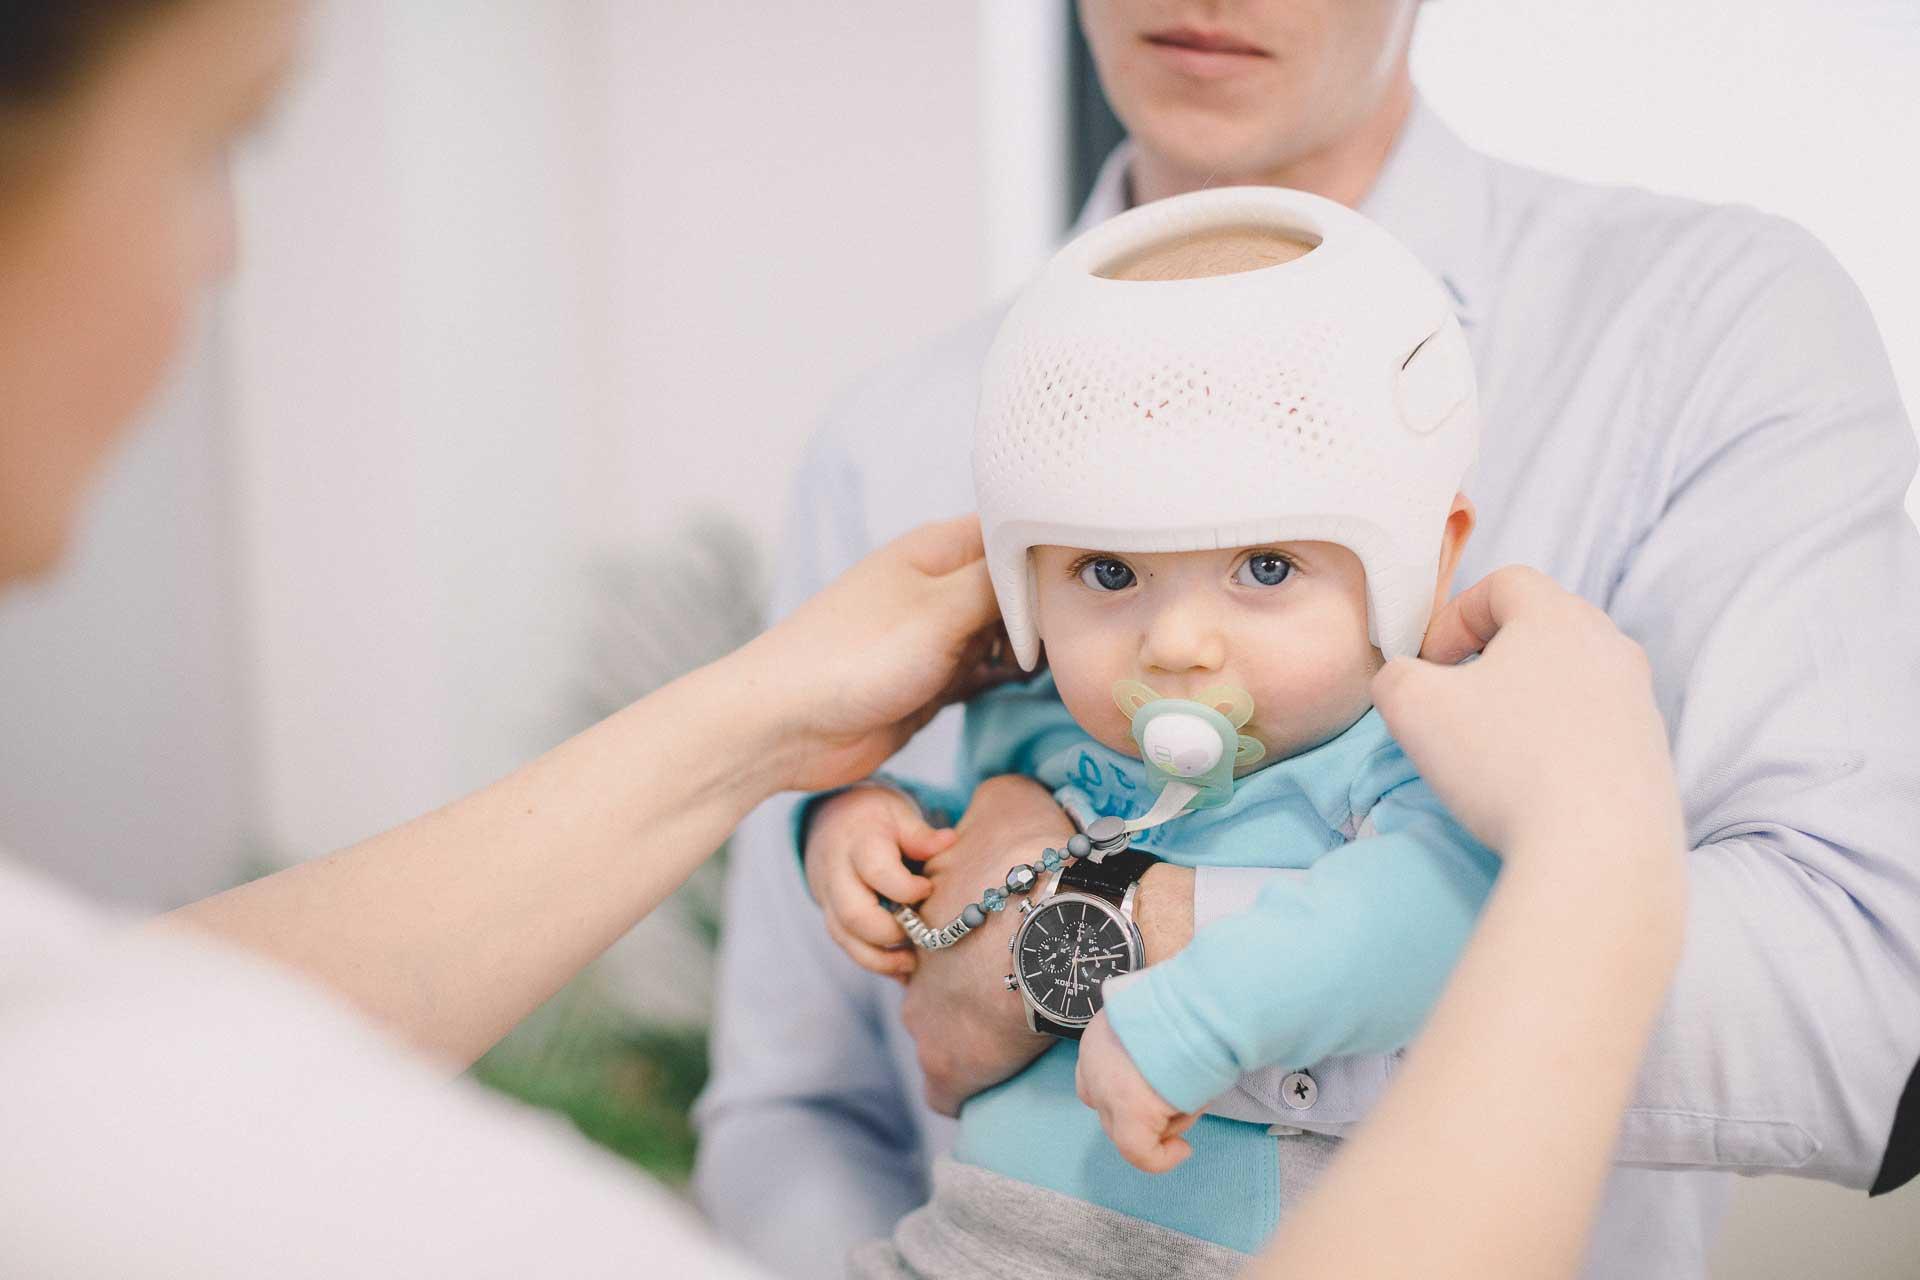 plagiocephaly helmet melbourne baby